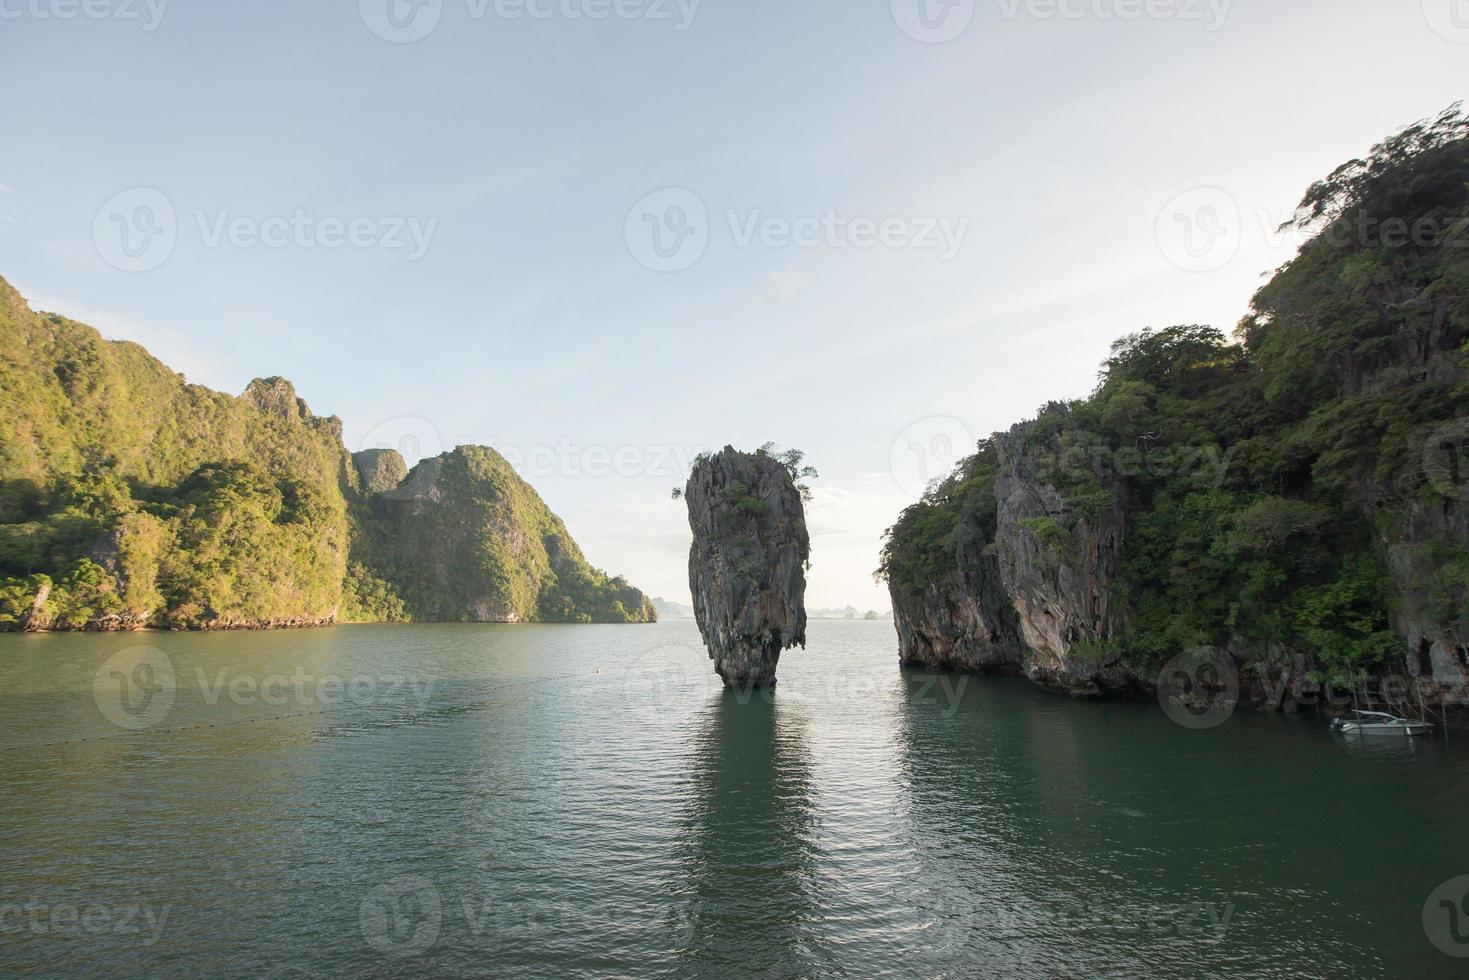 phuket james bond island phang nga photo